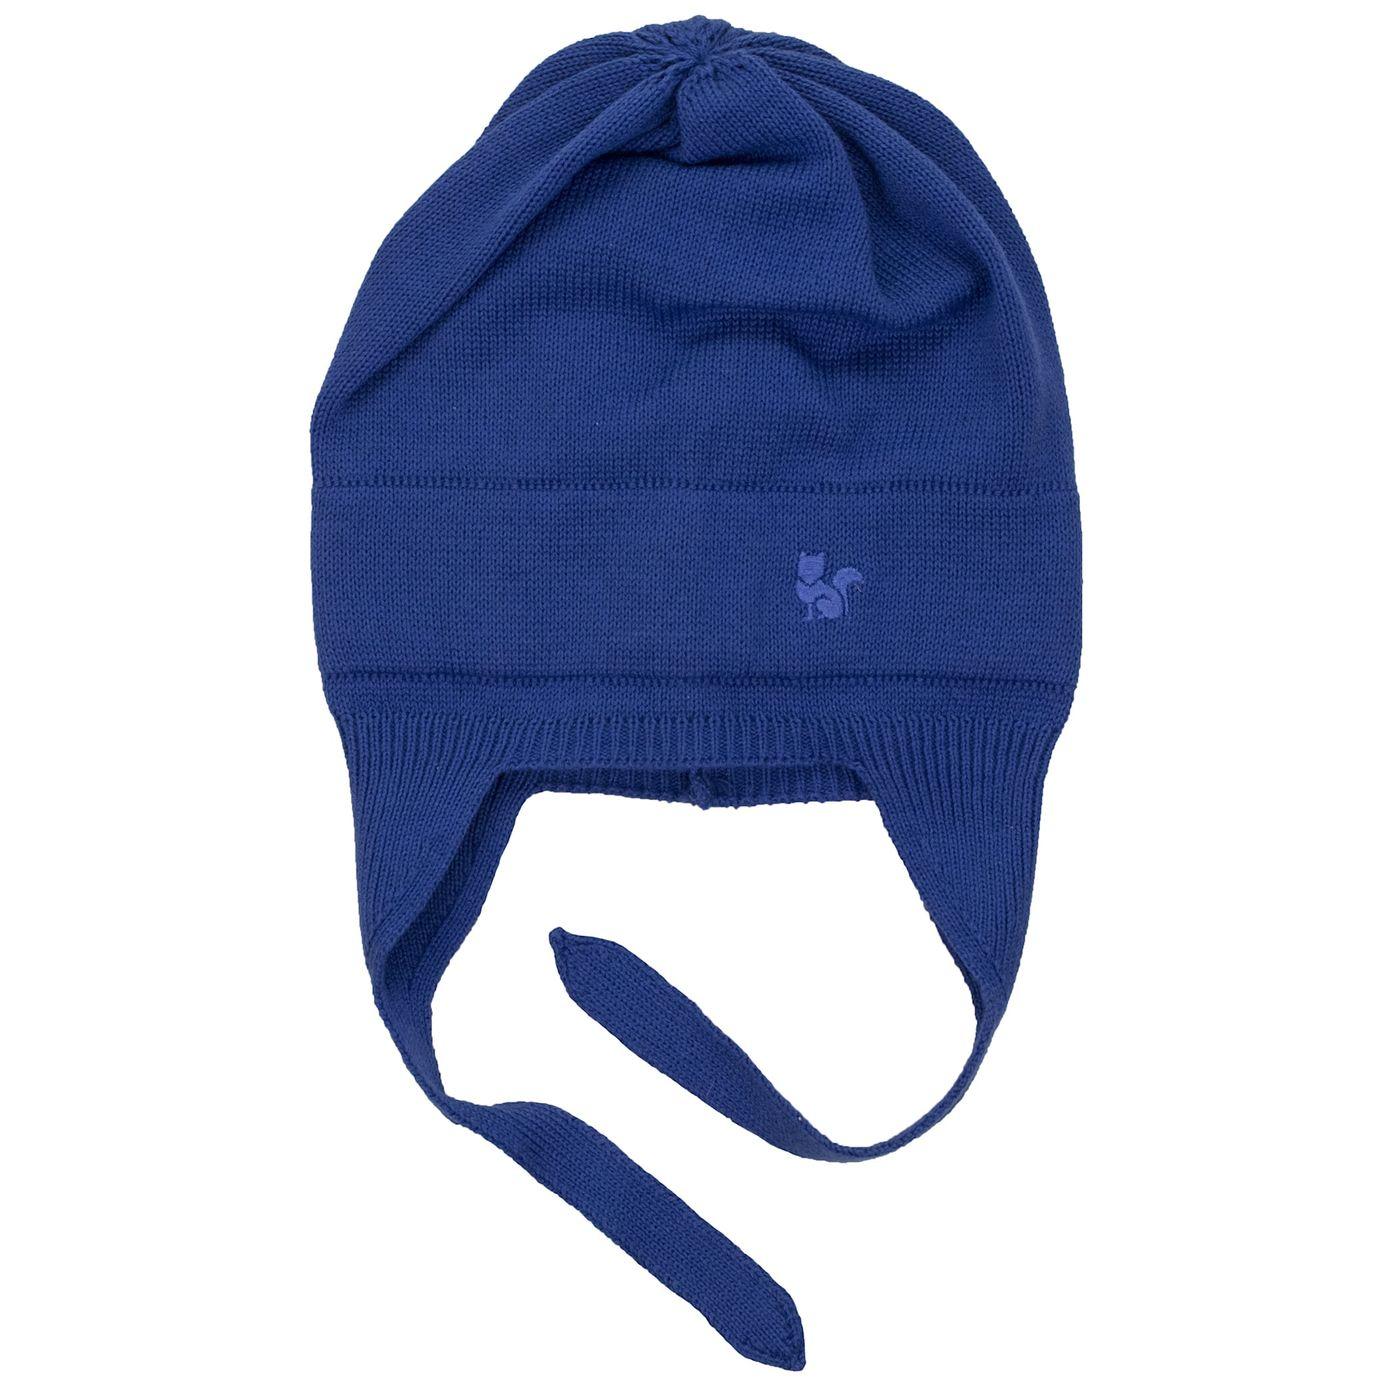 63a910a76 Gorro para bebê em tricô premium cor azul marinho - fieroshop